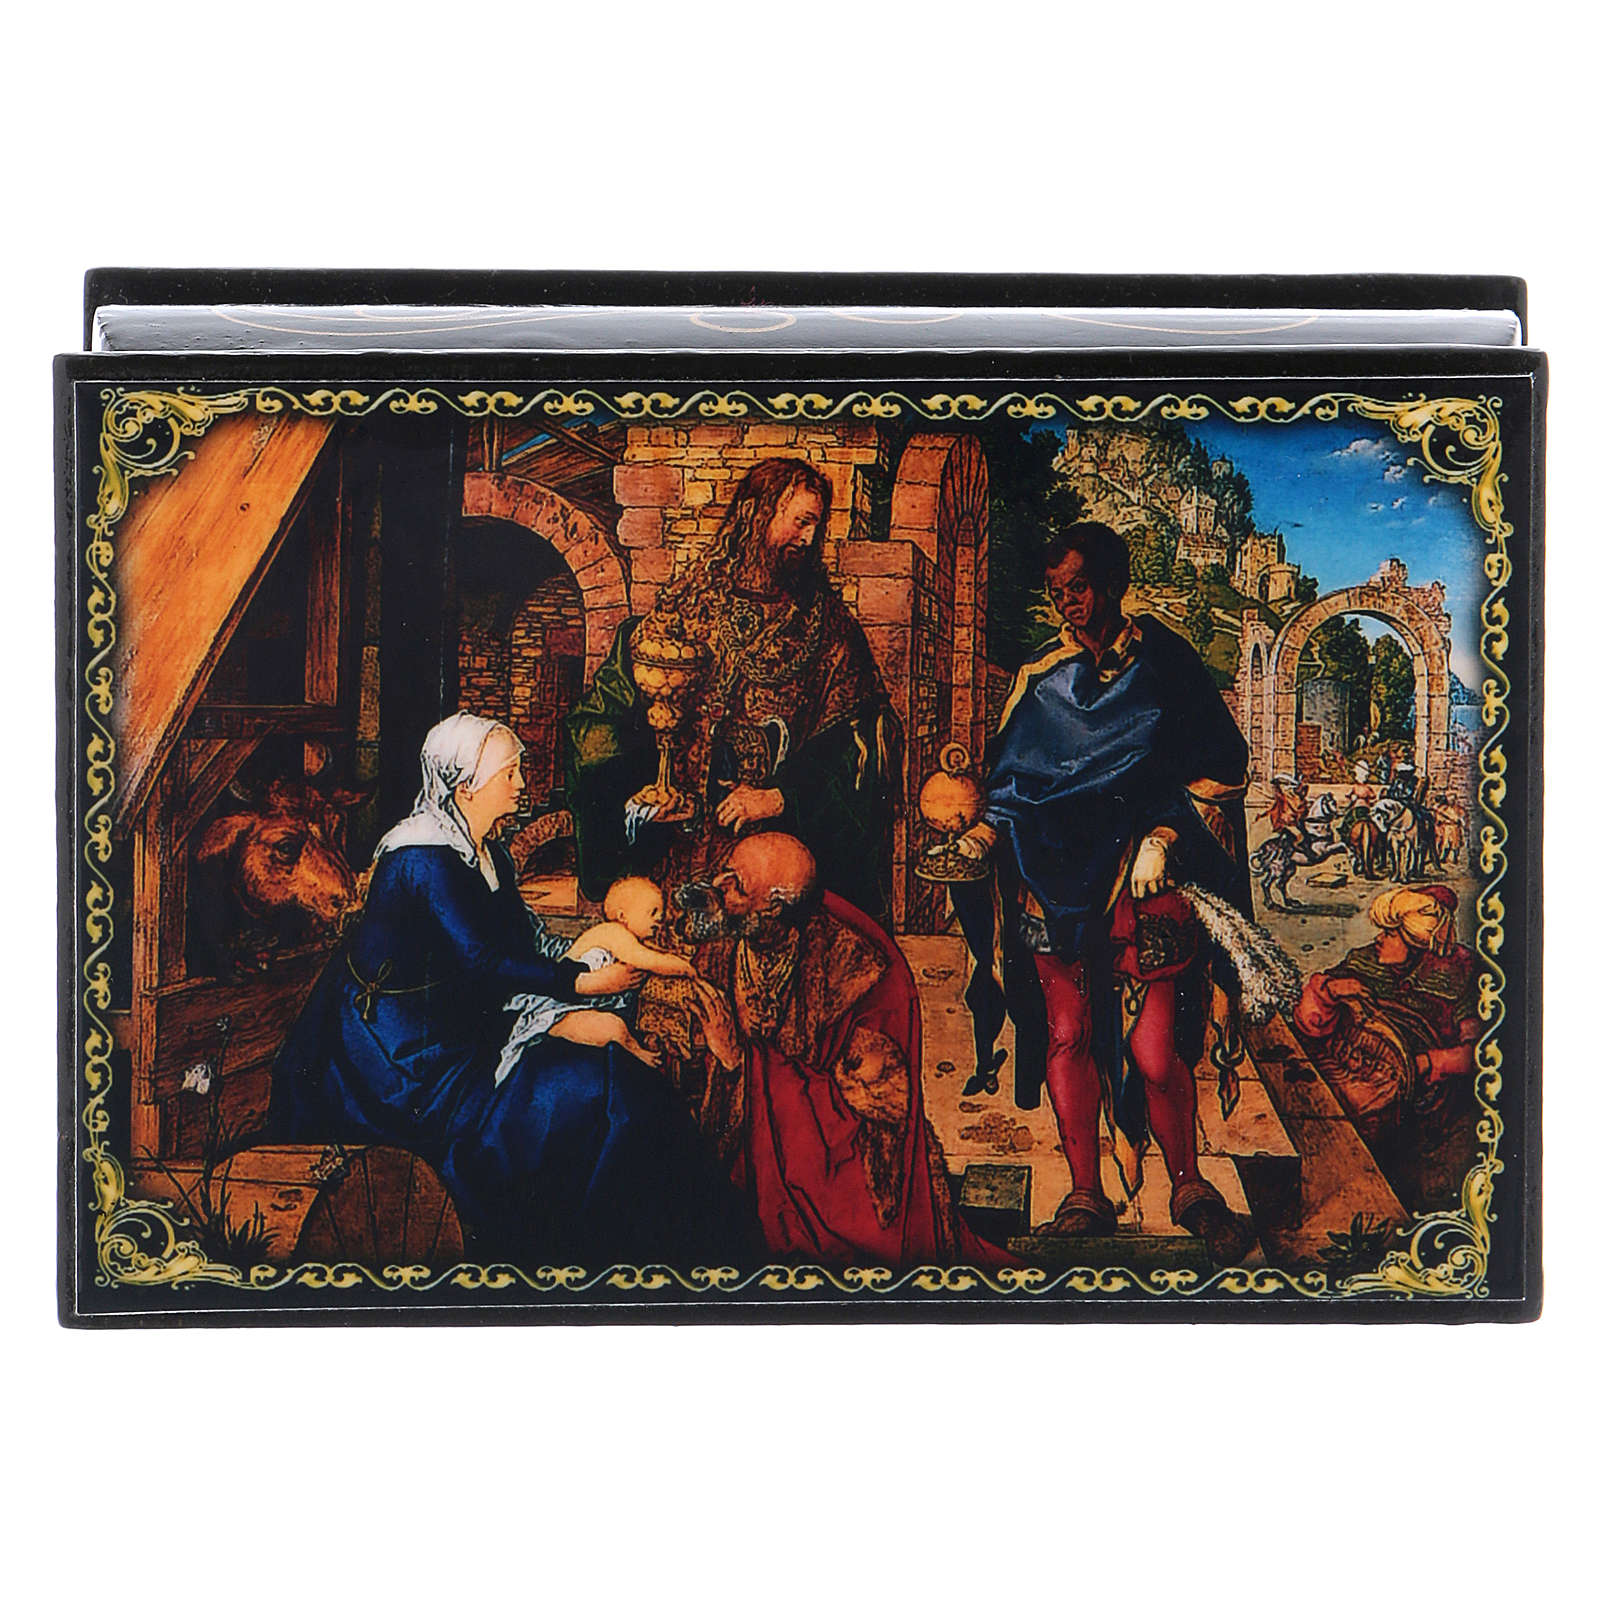 Scatoletta russa cartapesta L'Adorazione dei Magi 9X6 cm 4